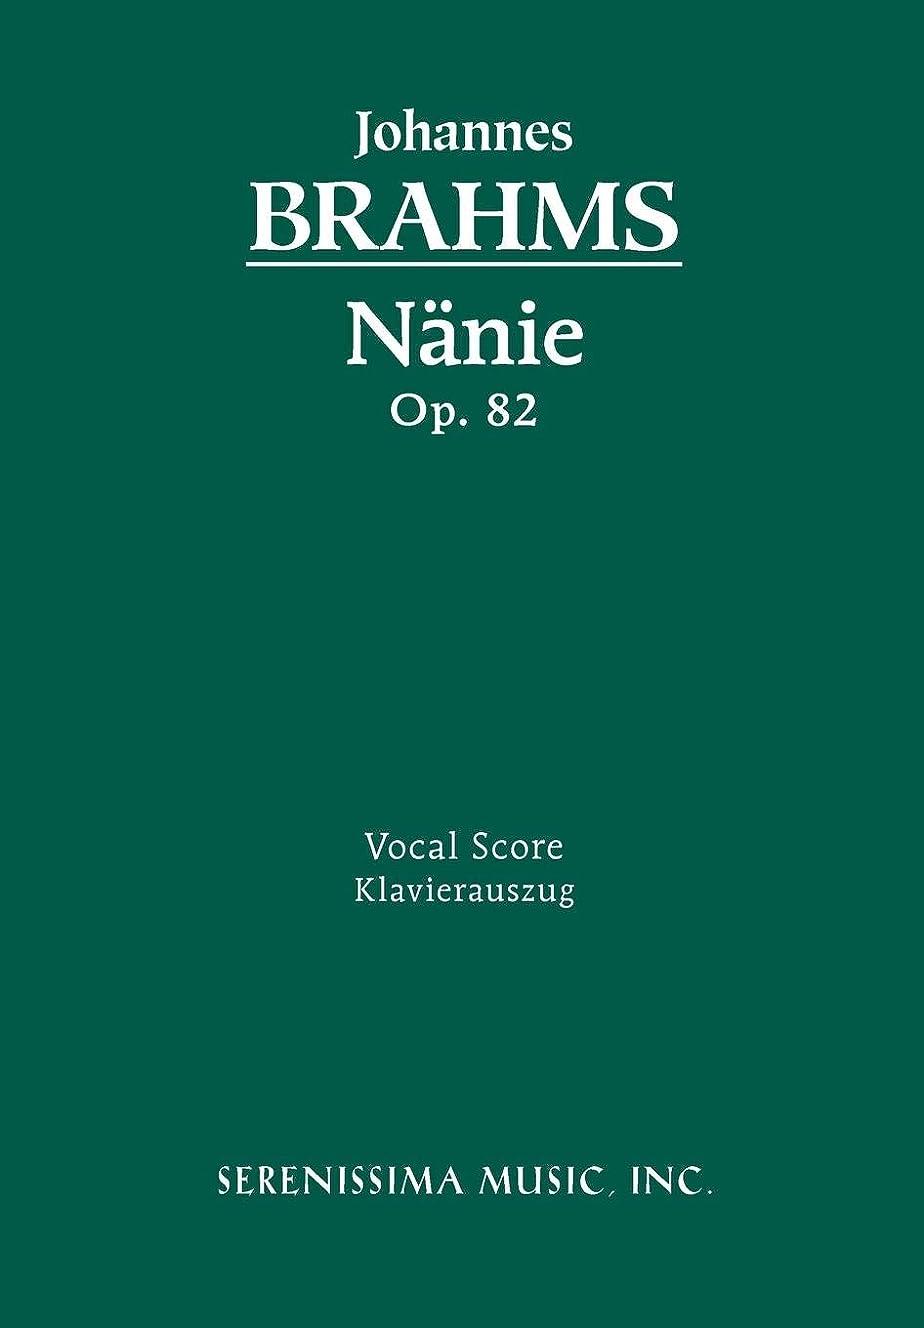 日焼け支配するむき出しNaenie, Op. 82 - Vocal Score